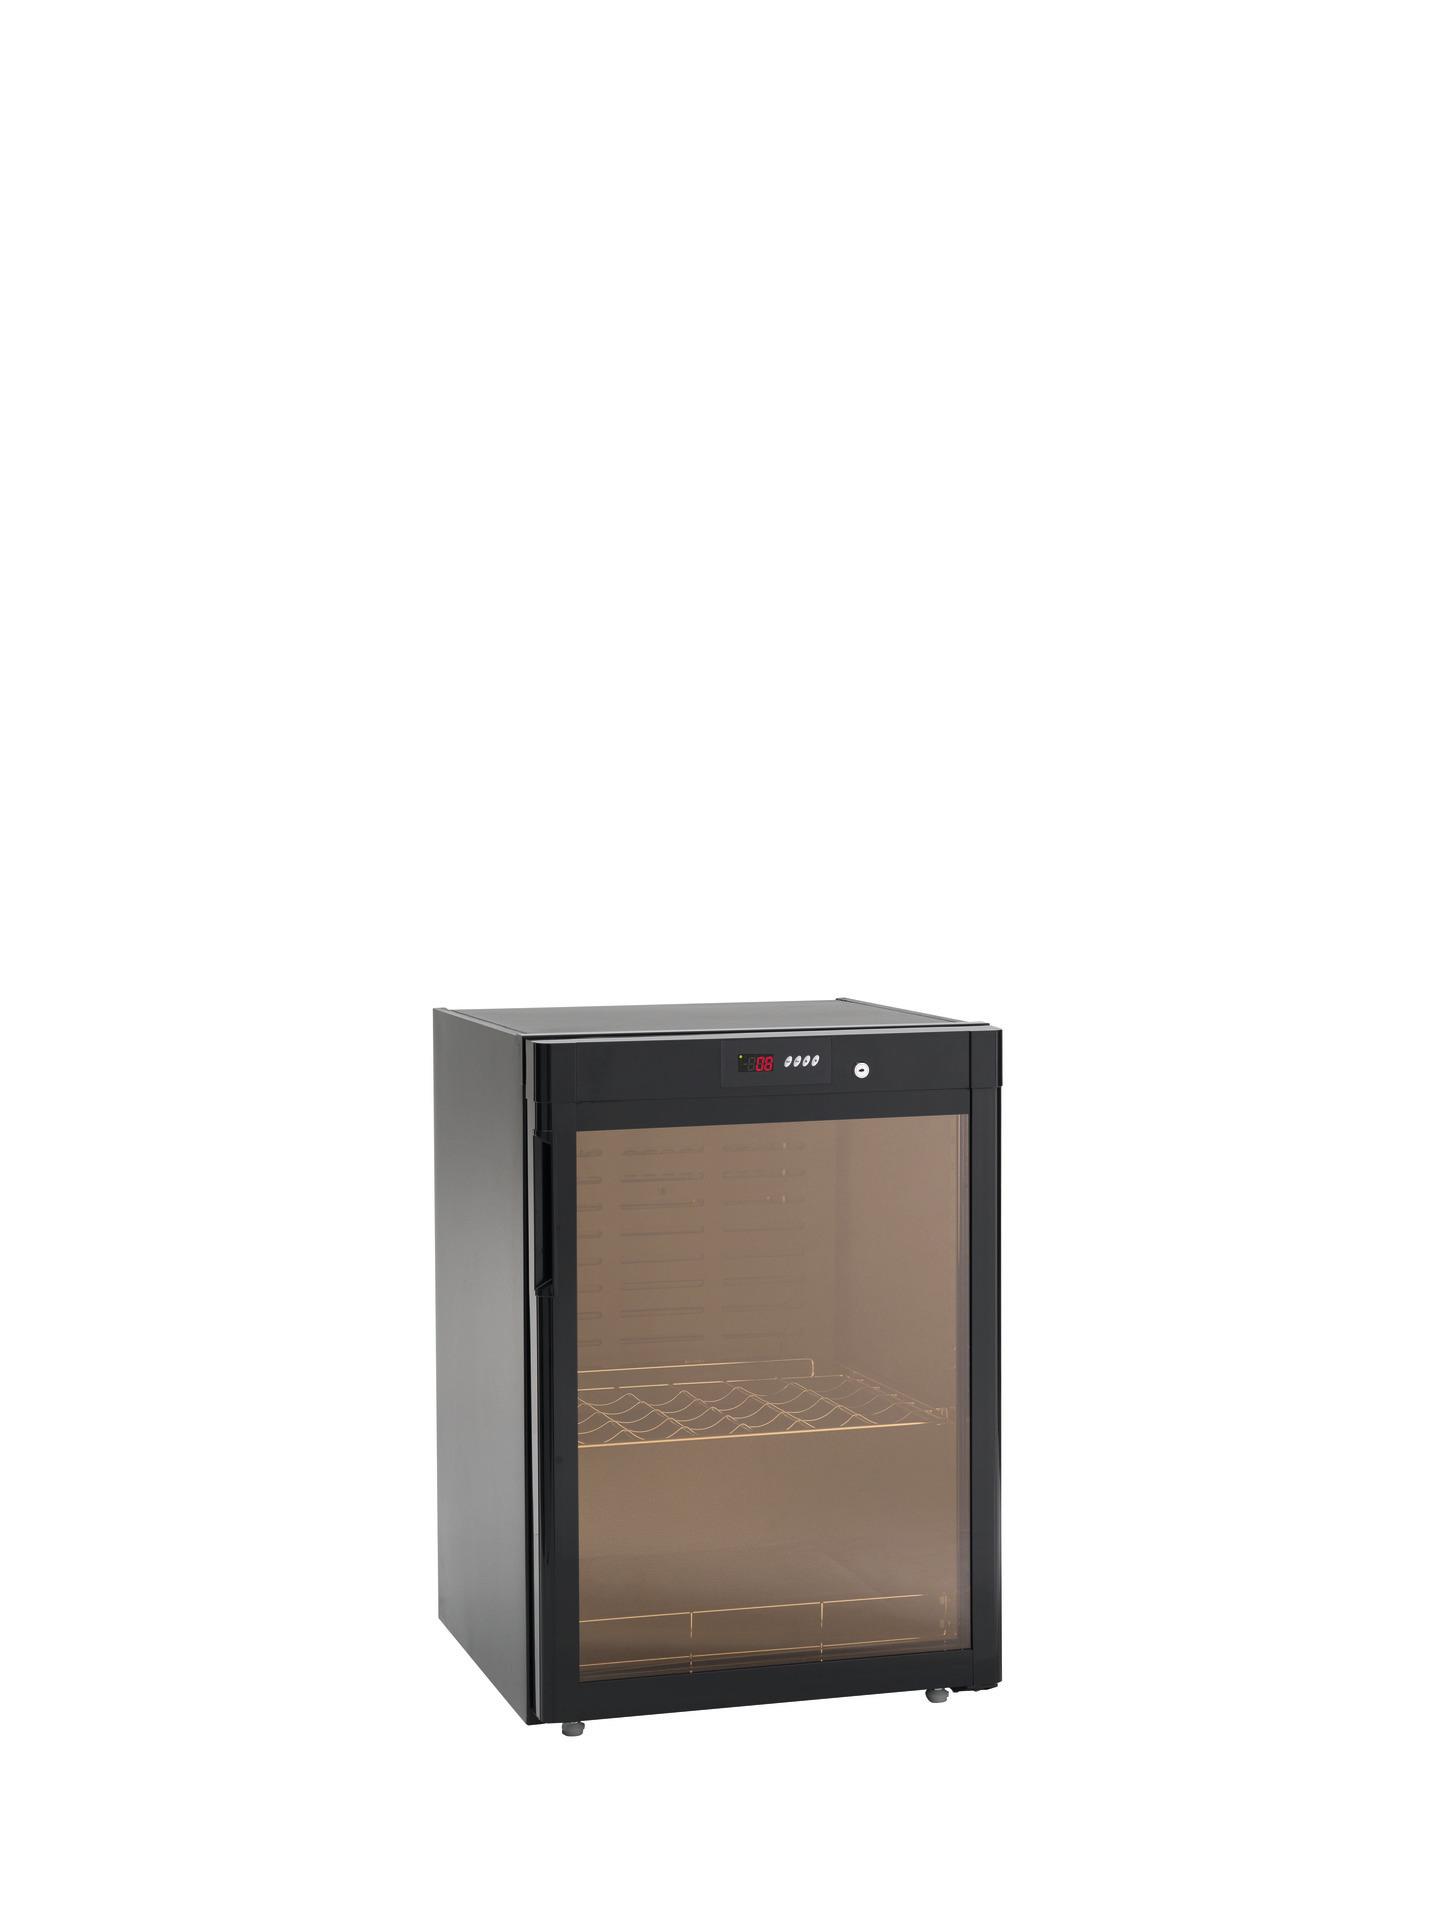 Weinkühlschrank für 45 Flaschen 600 x 602 x 860 mm